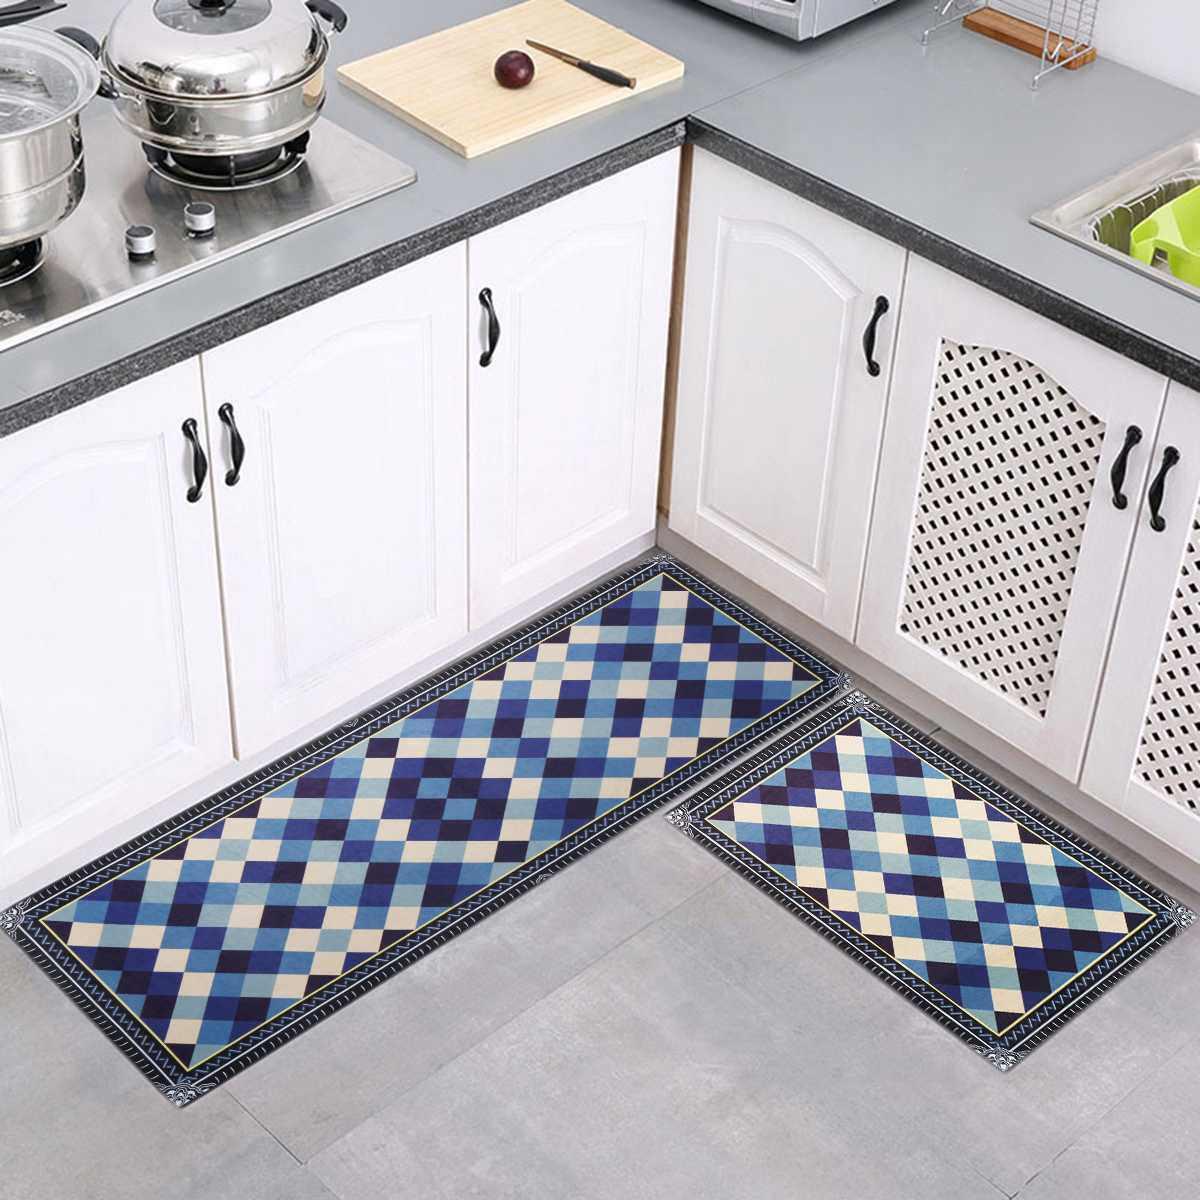 Máquina Lavável Antiderrapante Casa Cozinha Banho Tapete Tapete de Porta Do Banheiro Conjunto Tapete Capacho Corredor Corredor Varanda Sala de estar